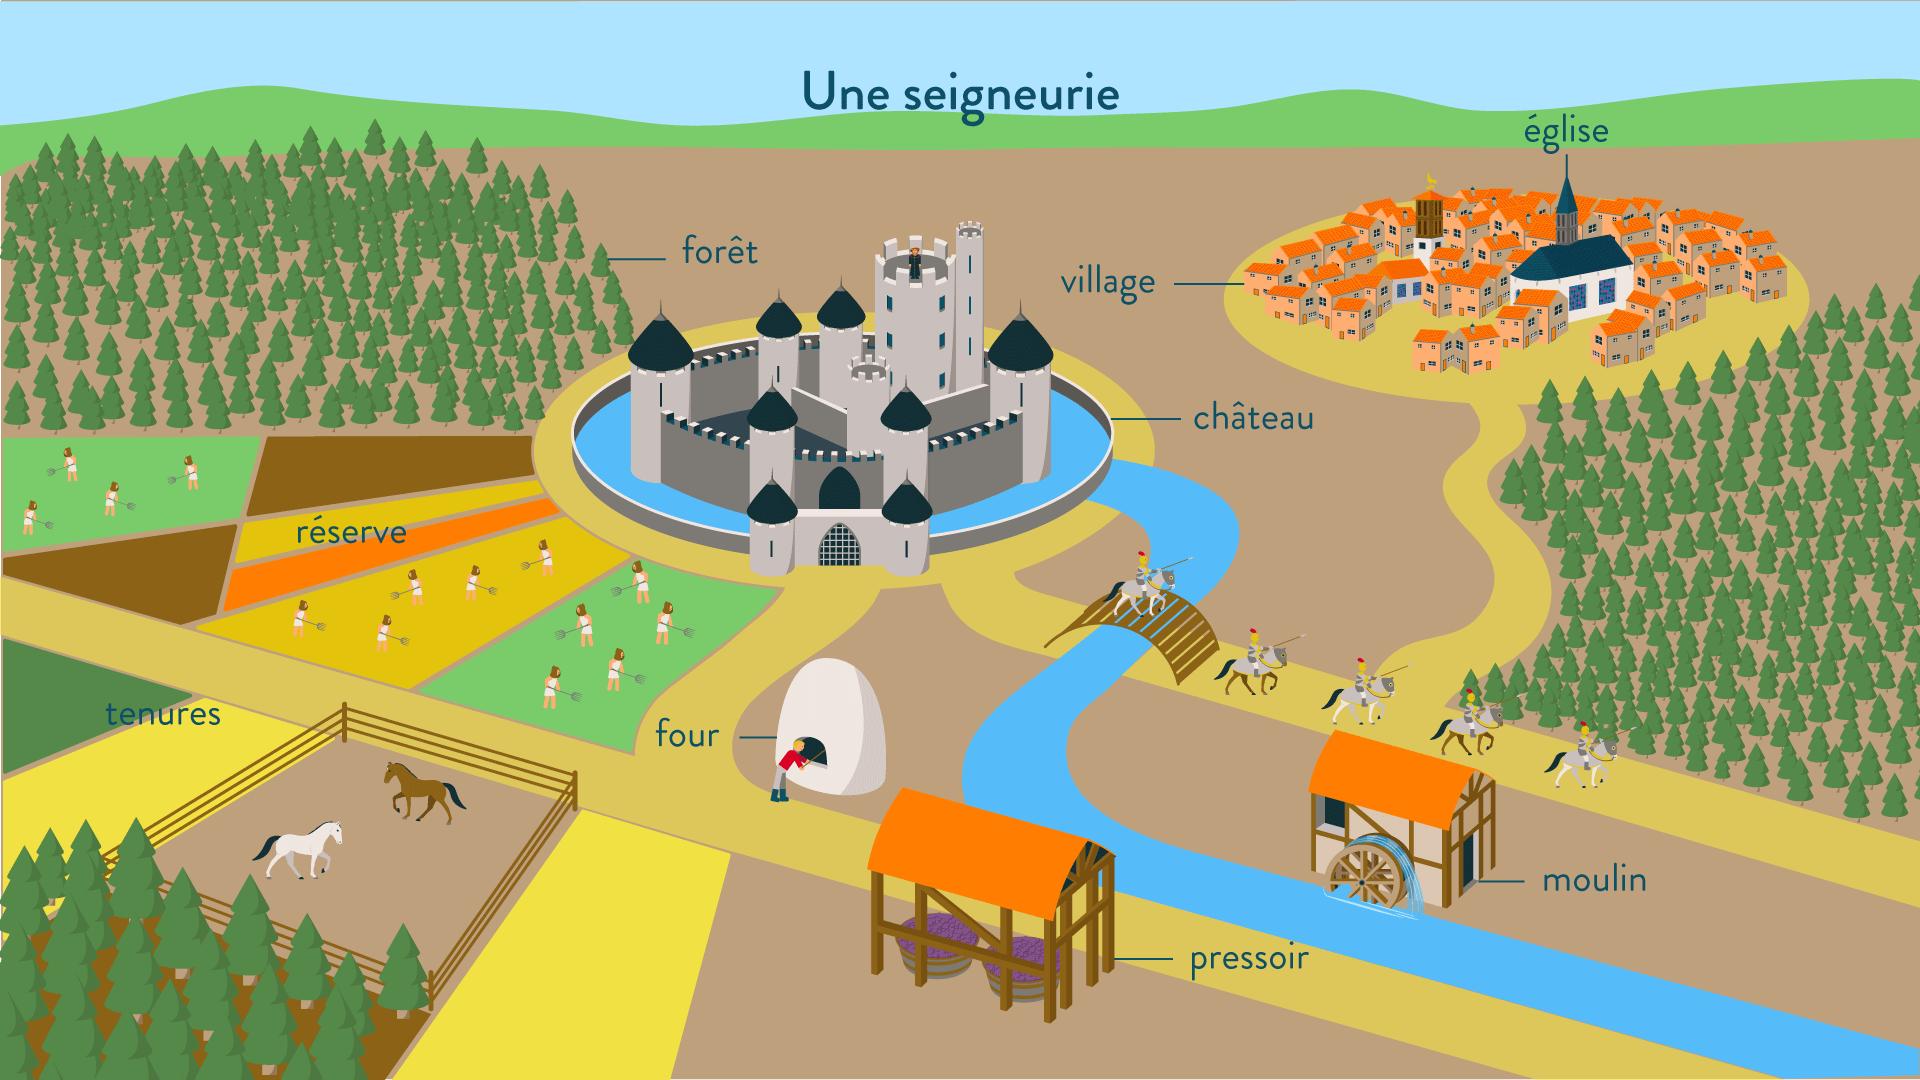 Seigneurie - Tenures - Réserves - Four - Pressoir - Château - Village - Moulin - Moyen-Âge - SchoolMouv - Histoire - CM1